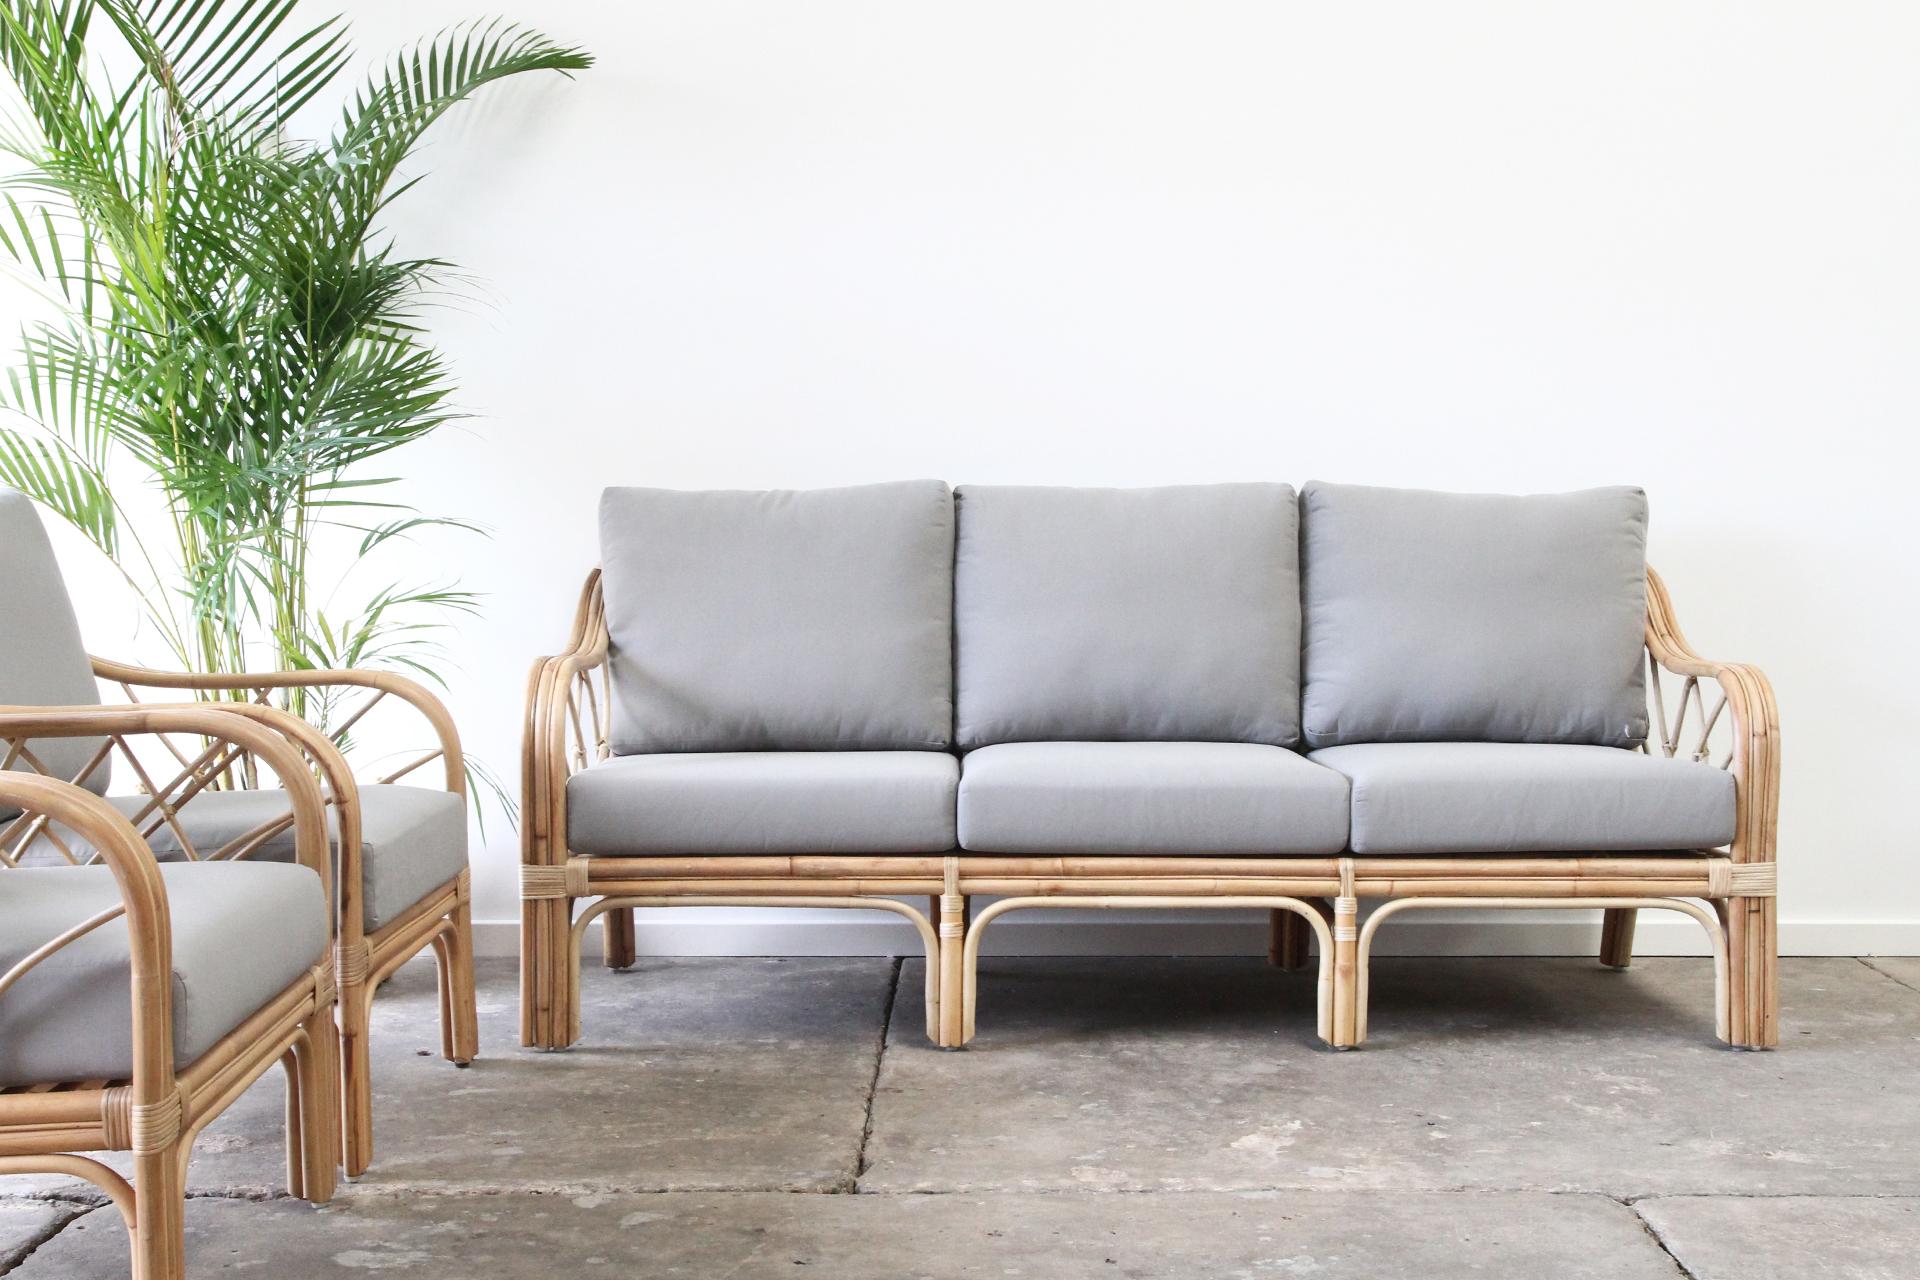 cane lounge